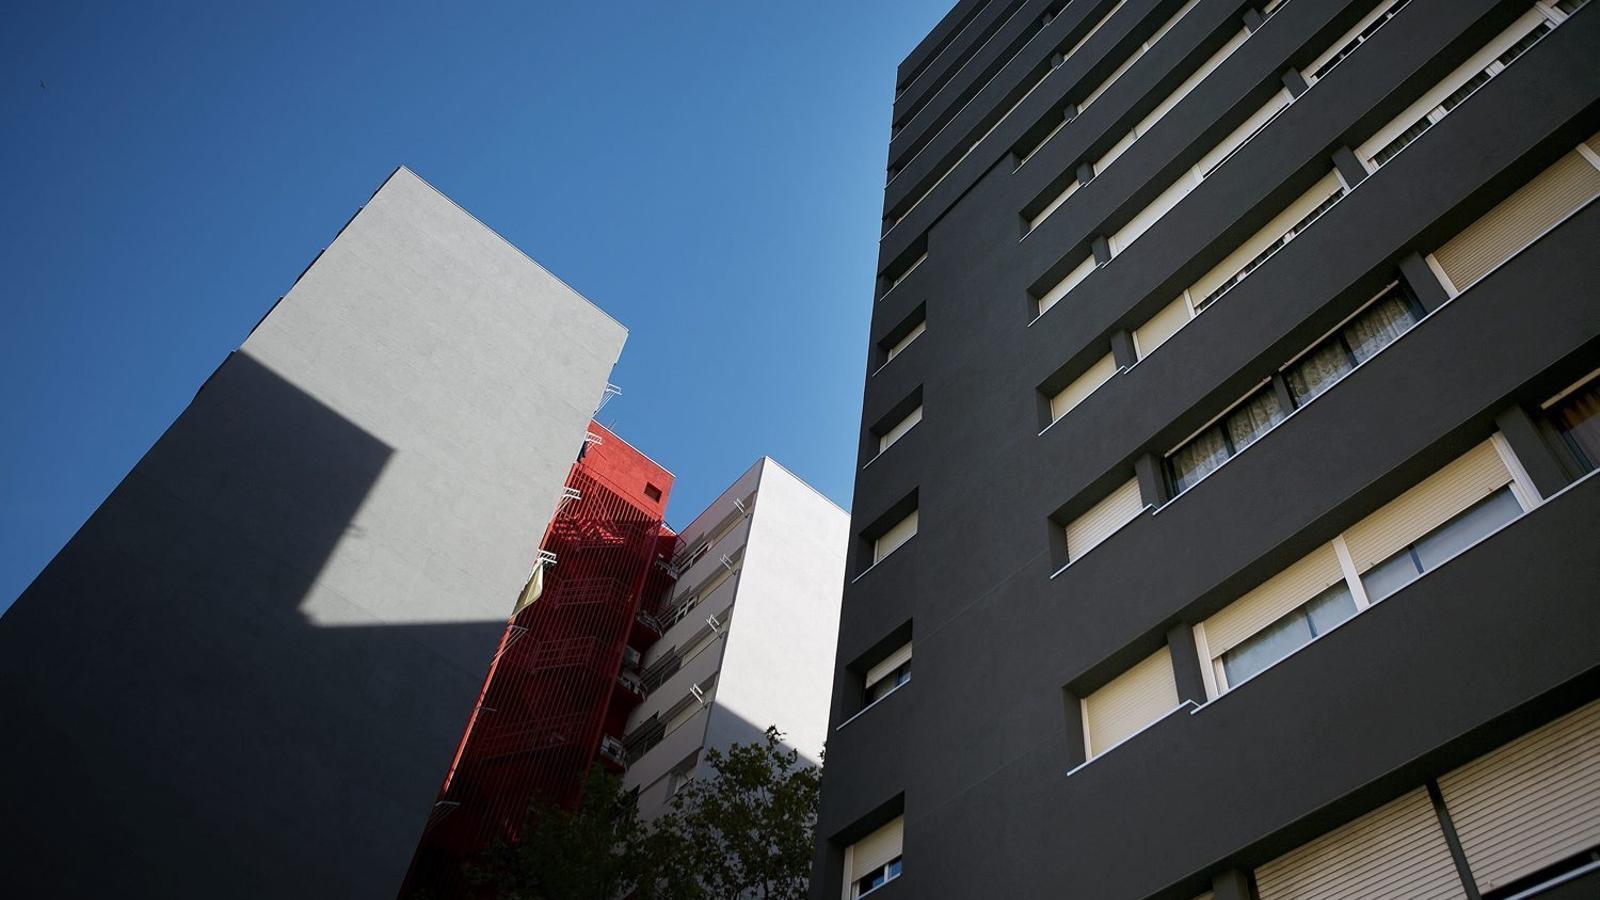 Barcelona iniciarà l'expropiació de 194 pisos buits si no es lloguen d'aquí a un mes